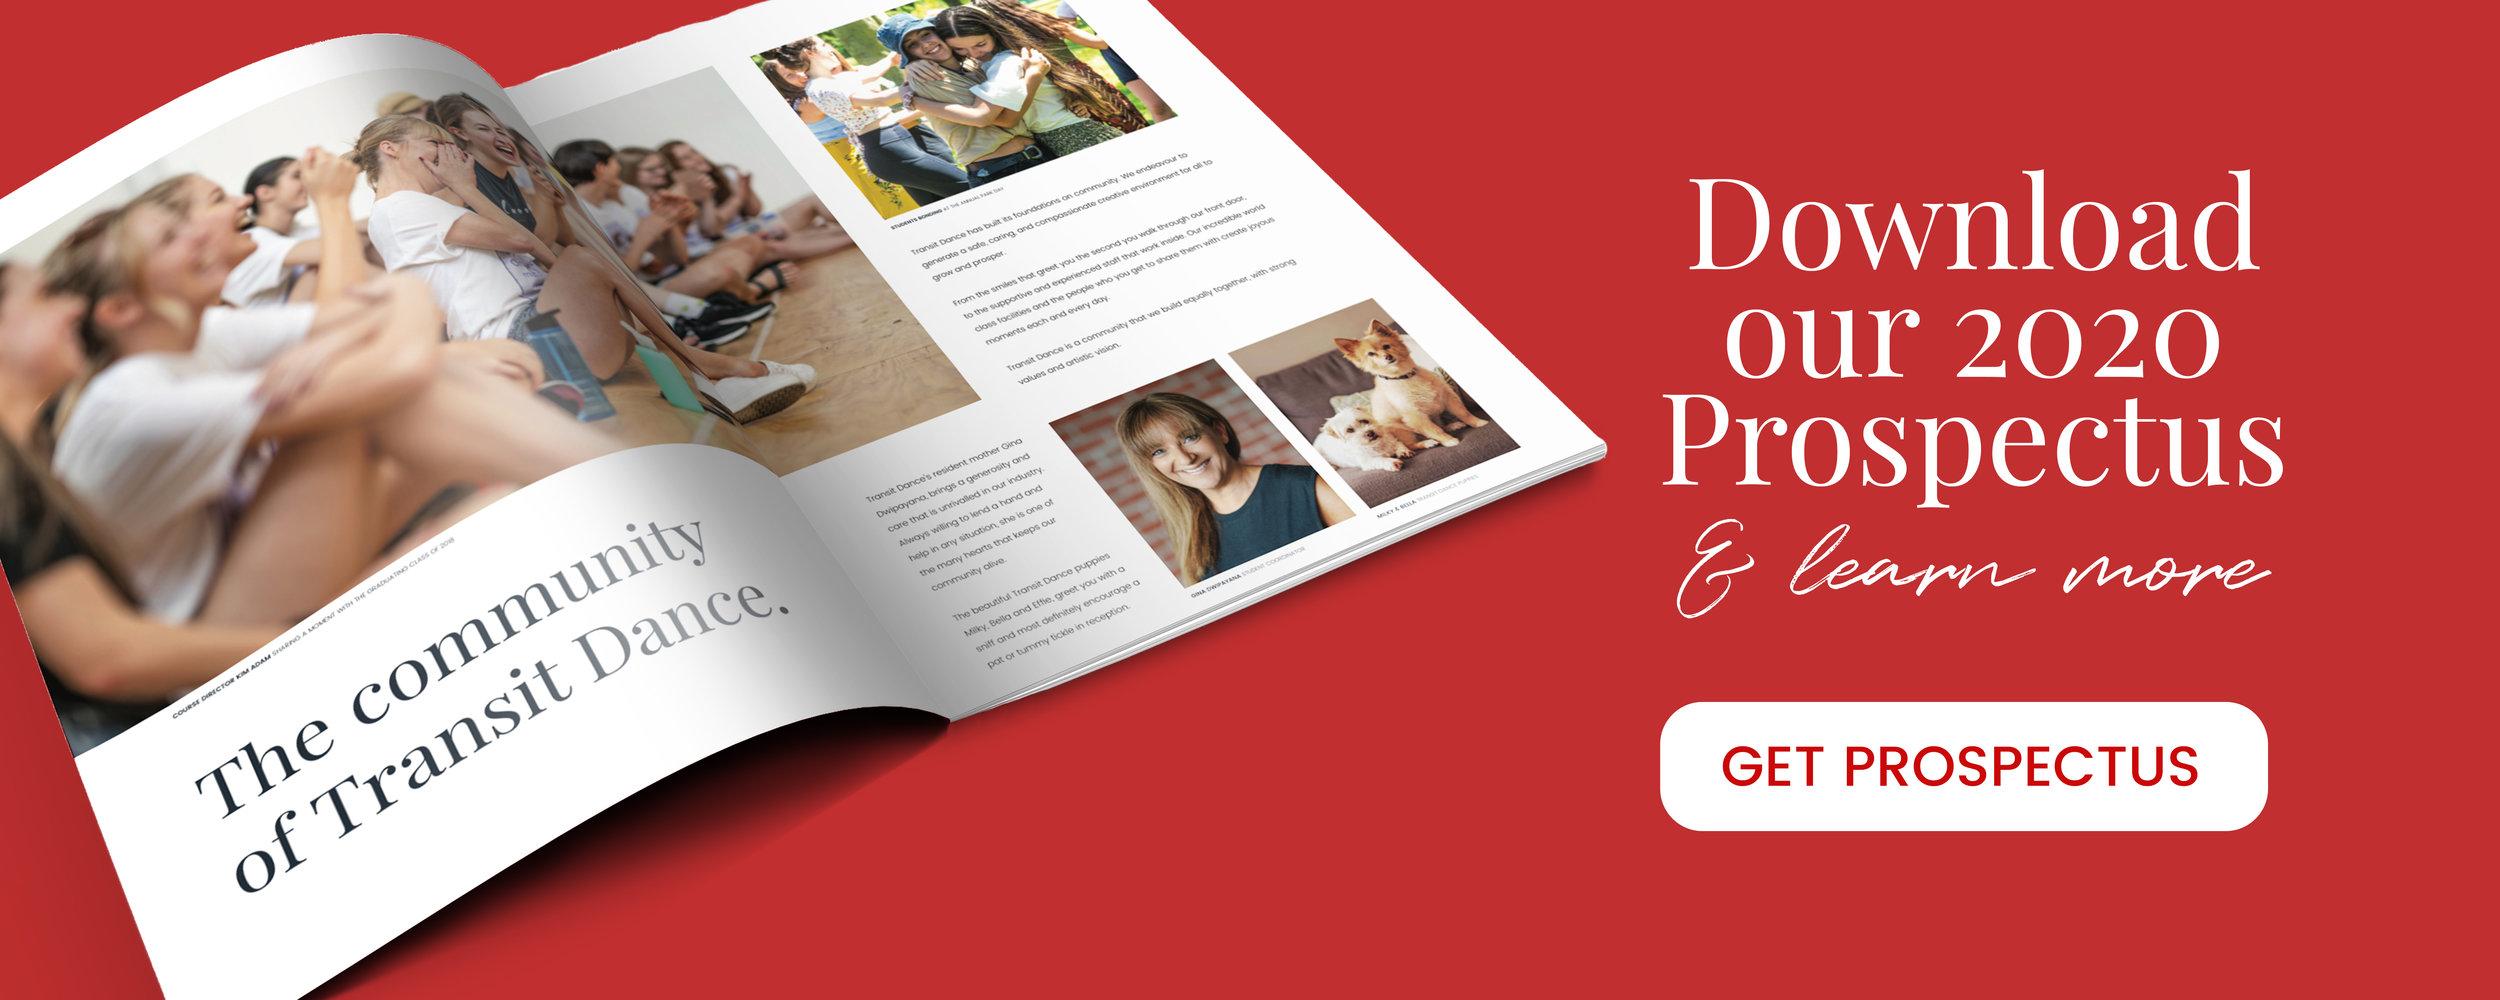 download prospectus.jpg